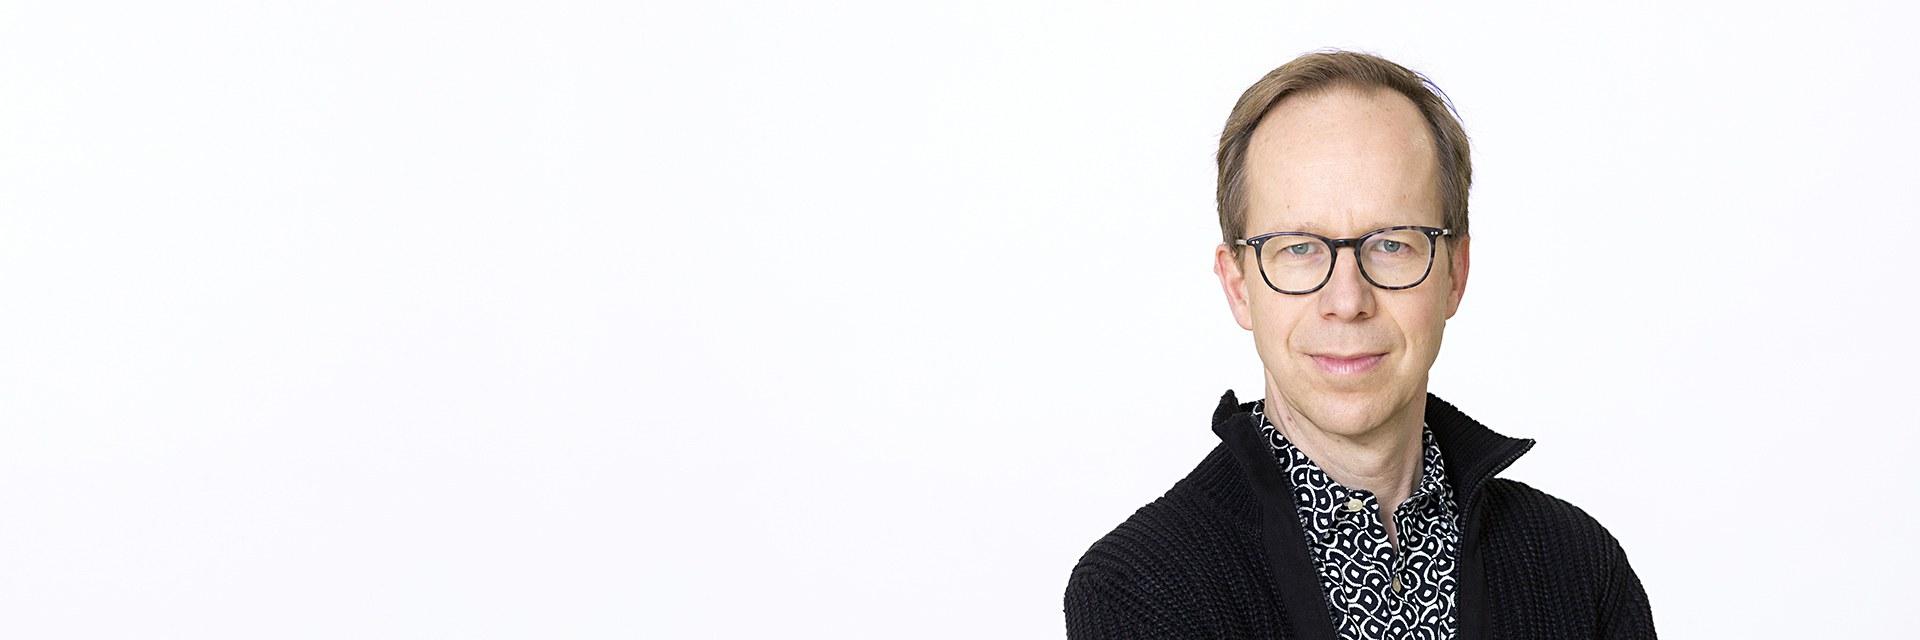 Dr. Christoph Wieser